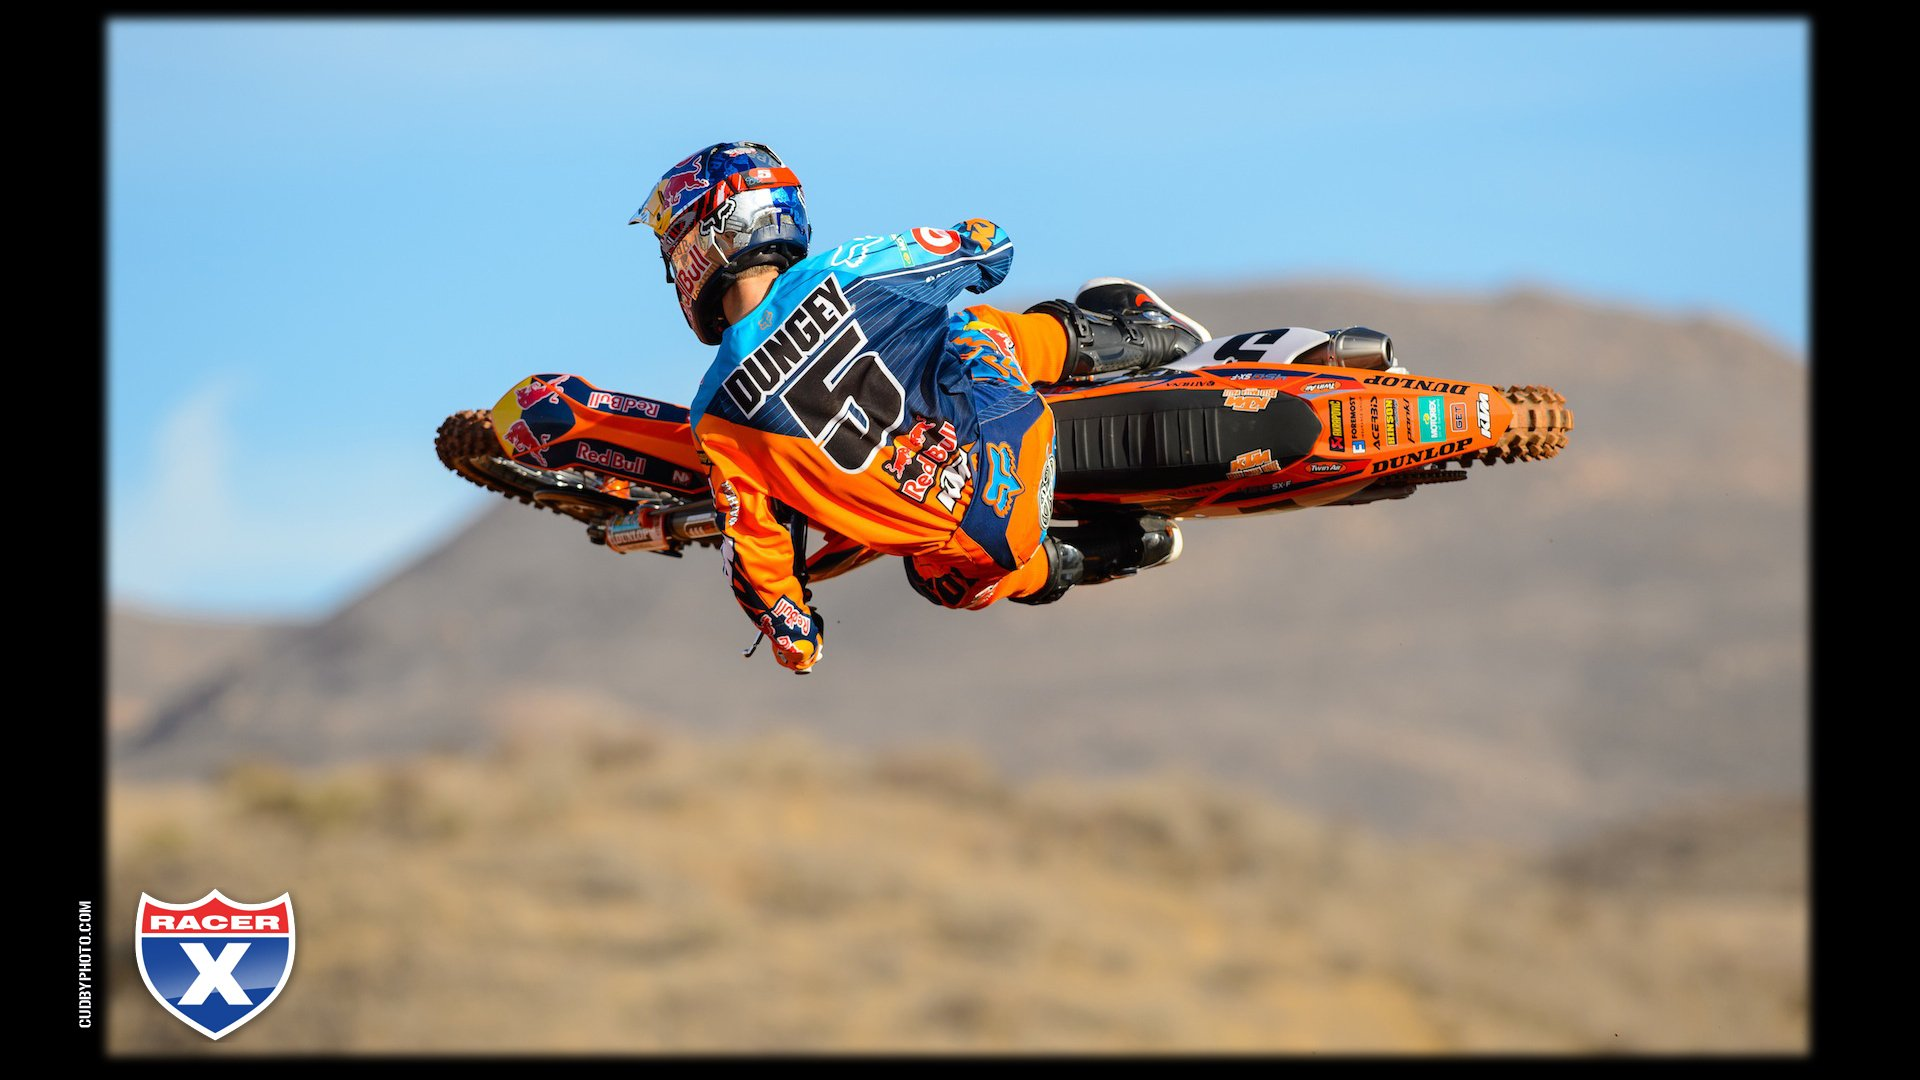 Ktm 2013 Wallpapers Racer X Online